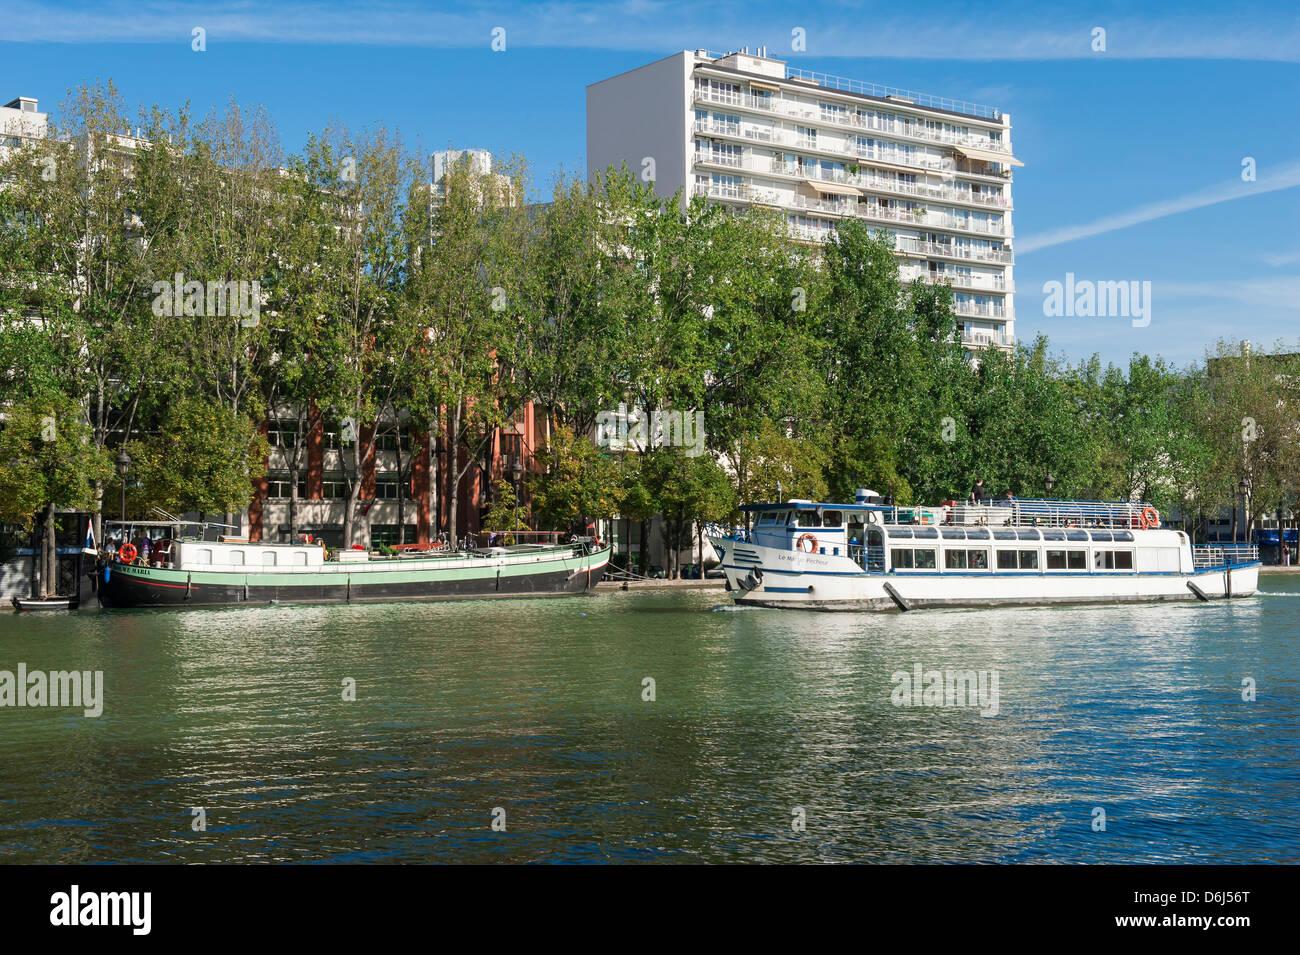 Bassin de la Villette, Paris, France, Europe - Stock Image